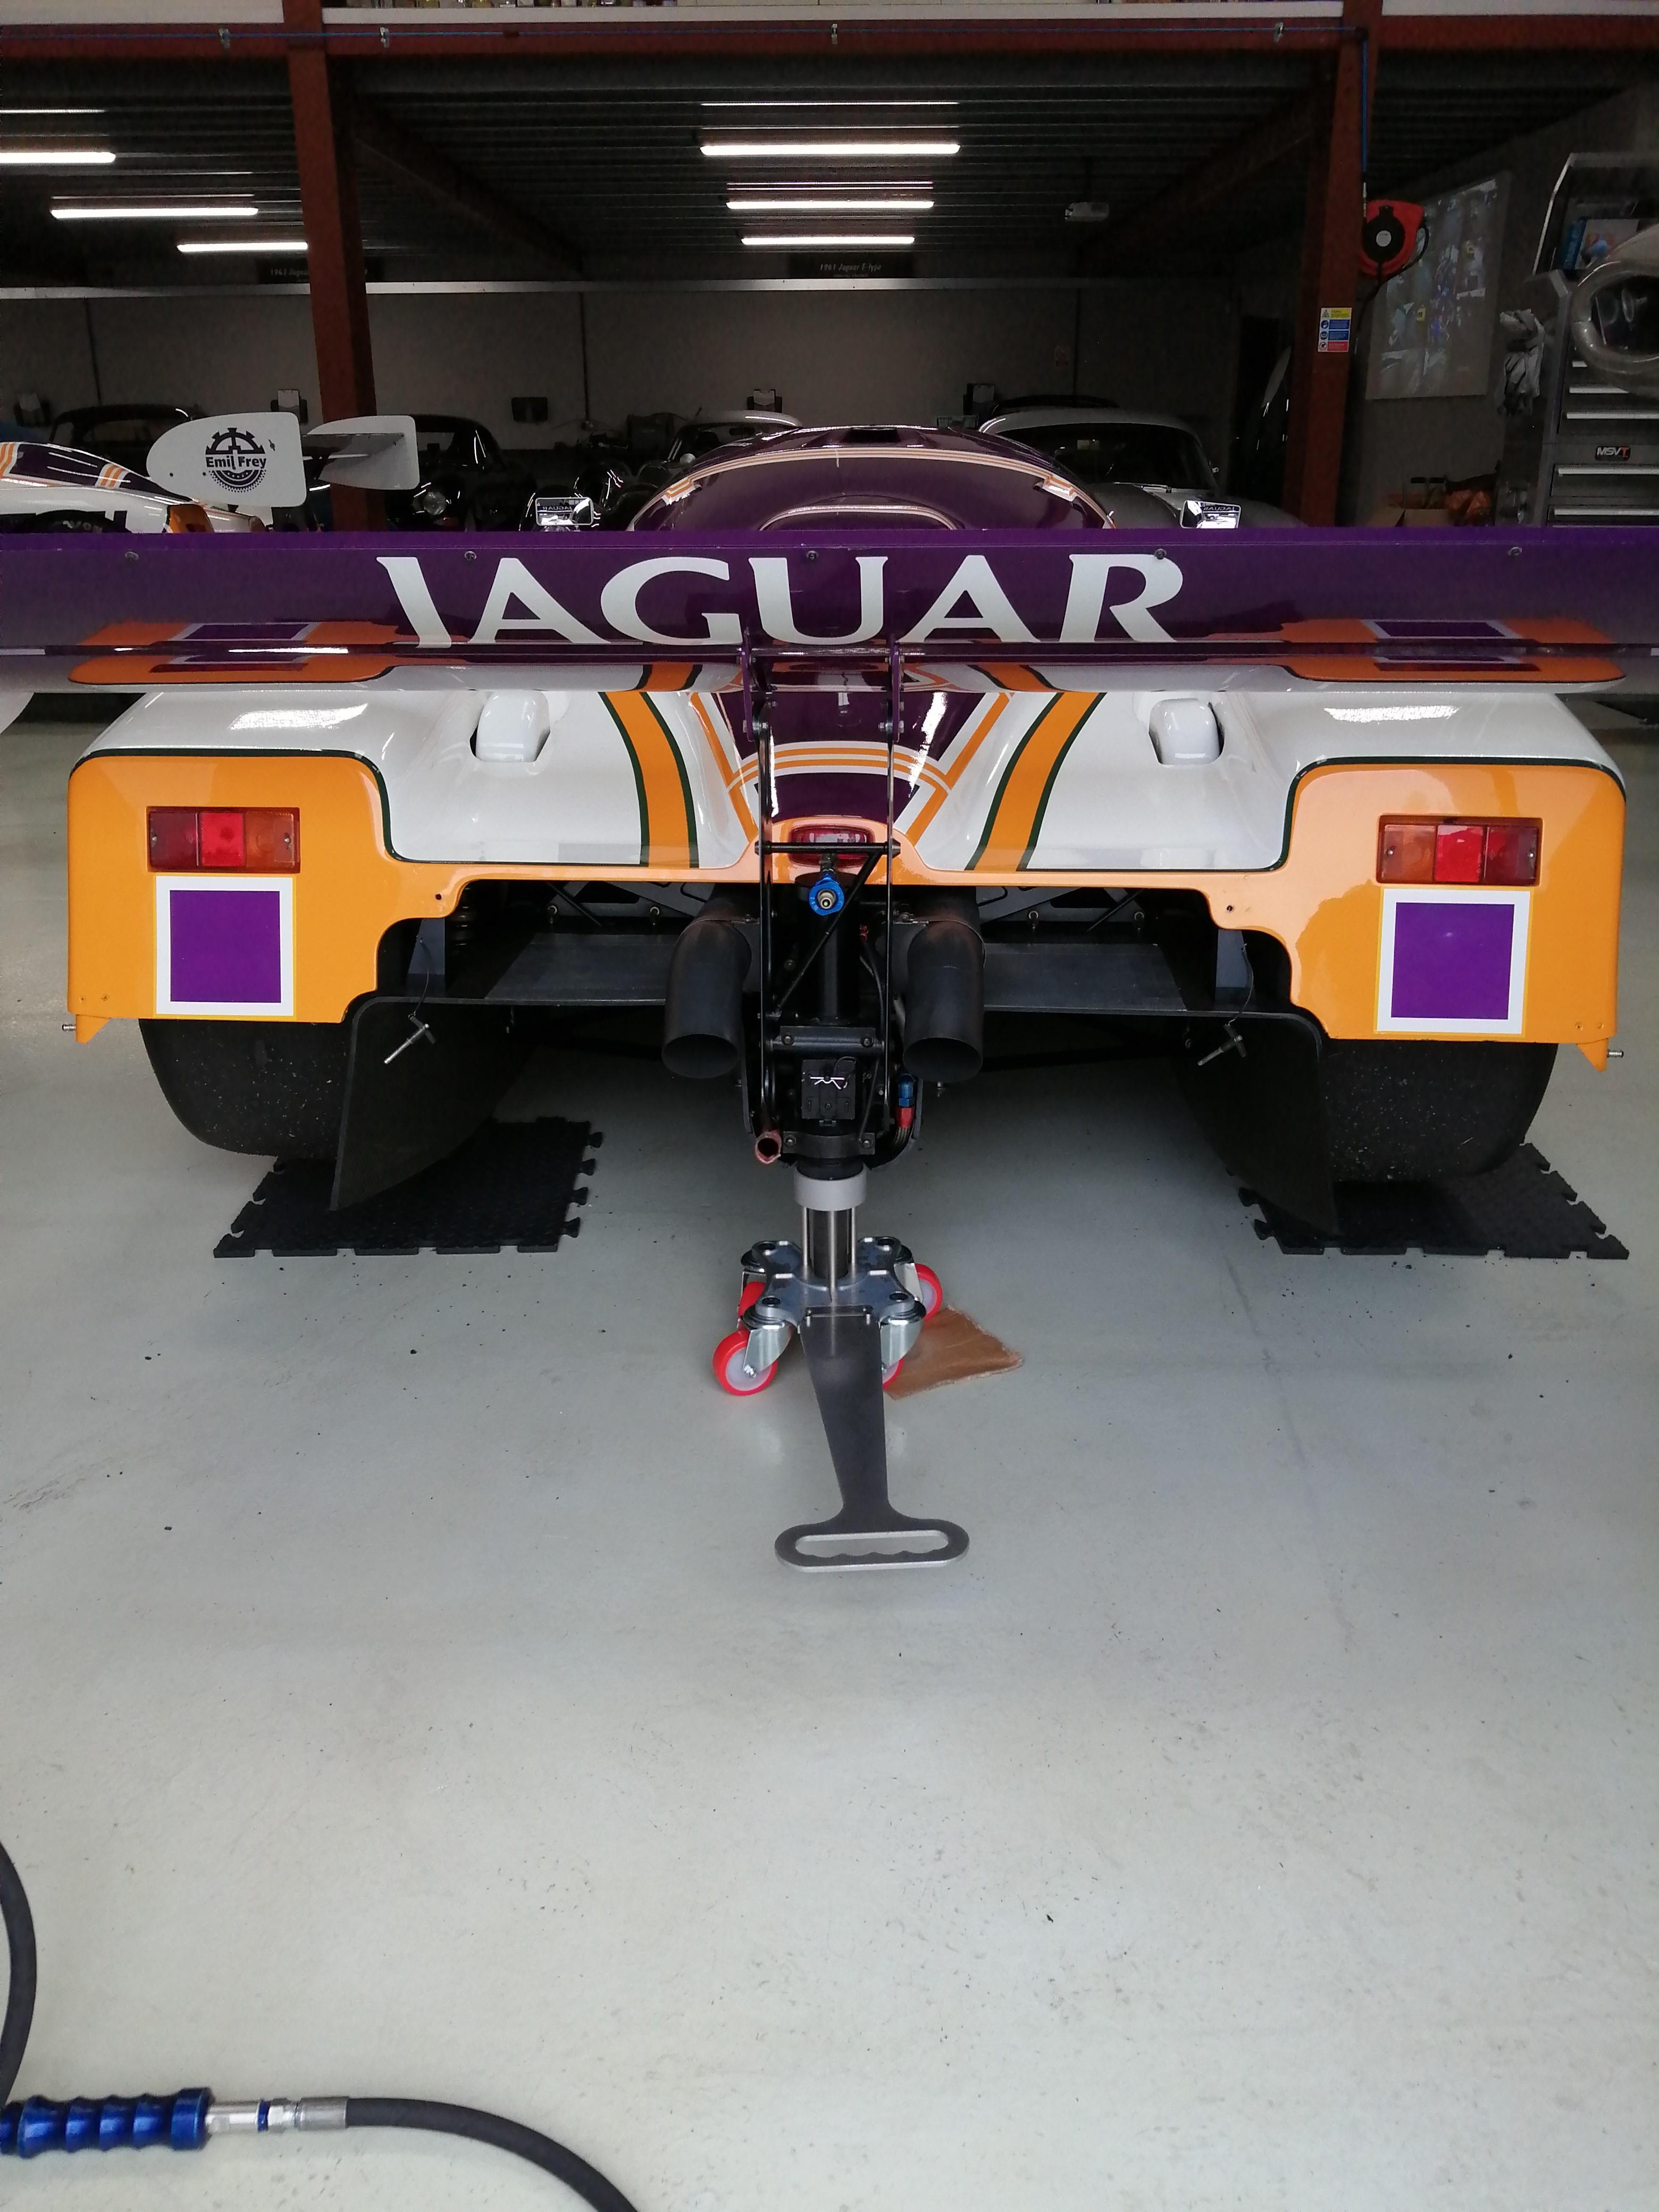 Silk cut jaguar air jack skates